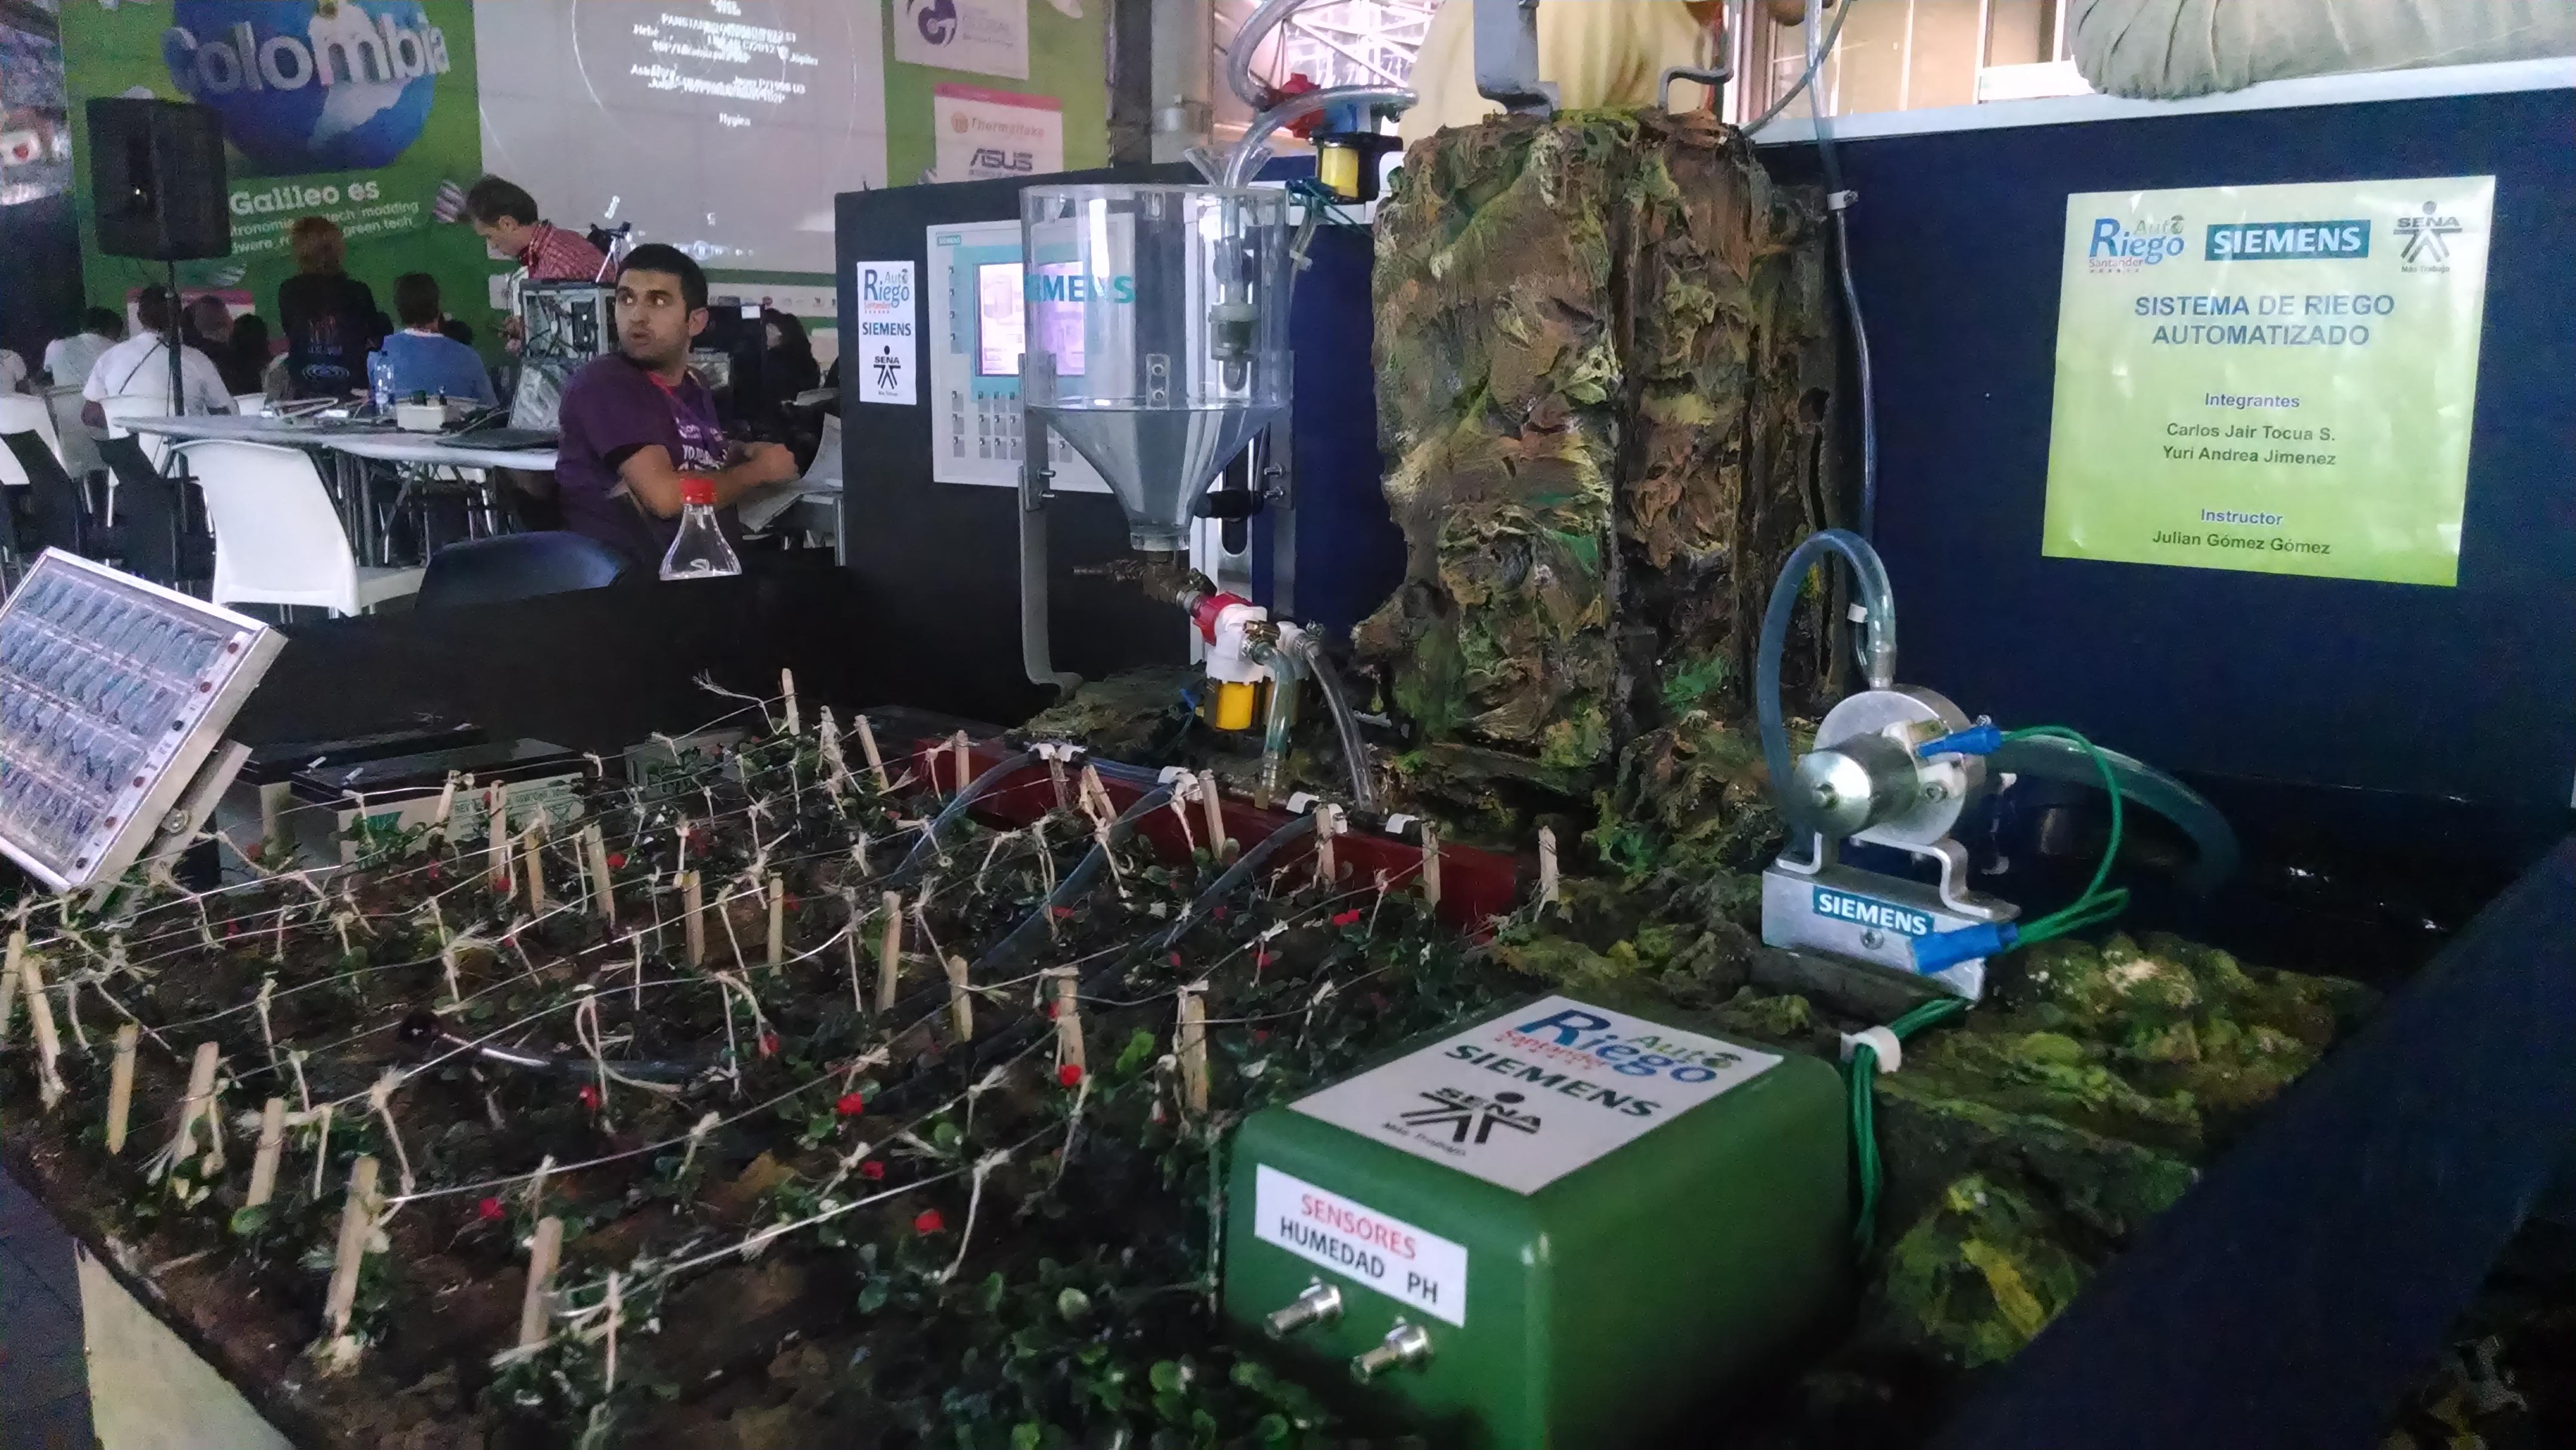 Sistema de riego automatizado, ingenio colombiano   Campus Party ...